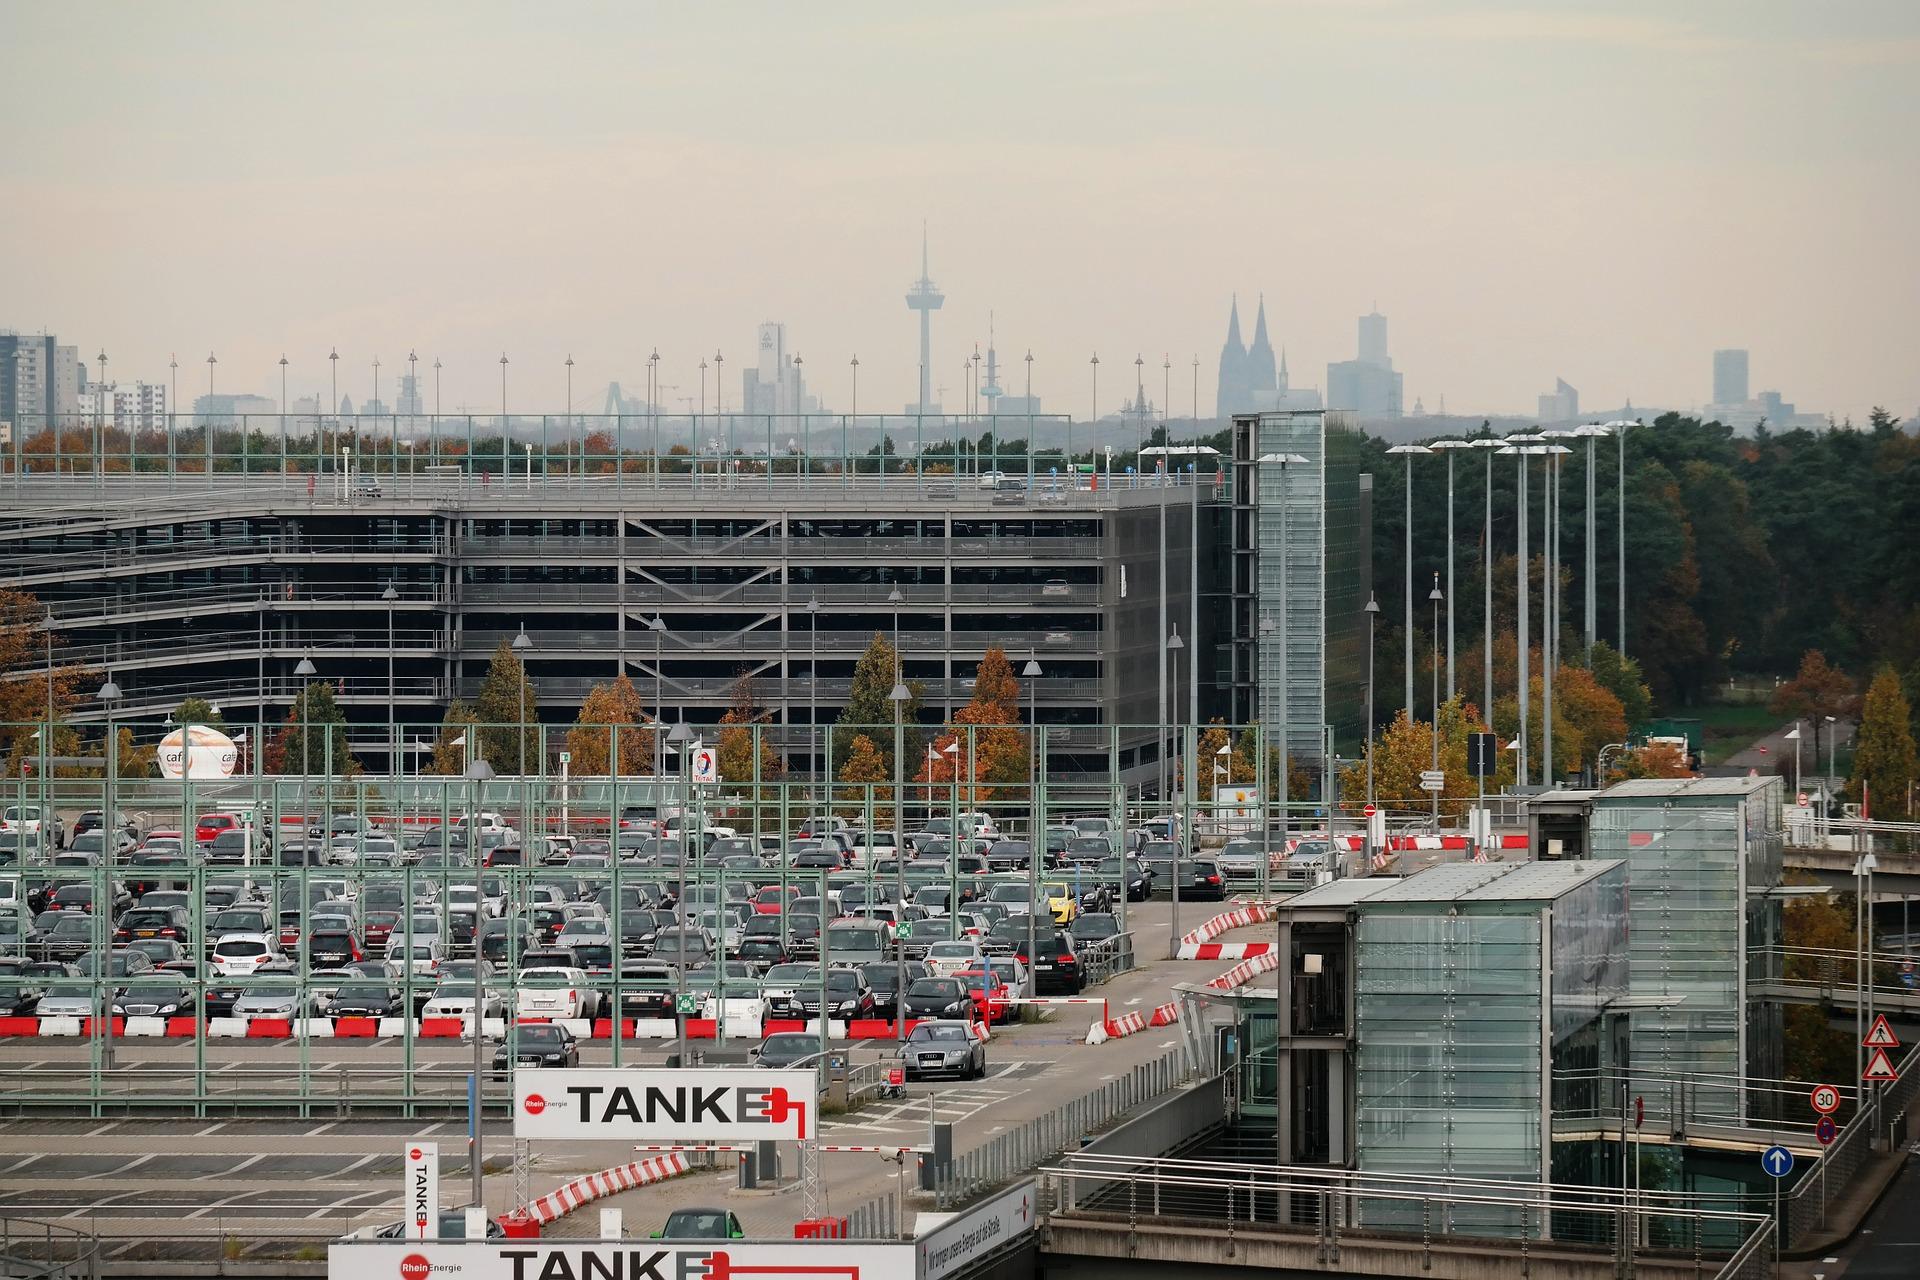 Car Parking at Airport